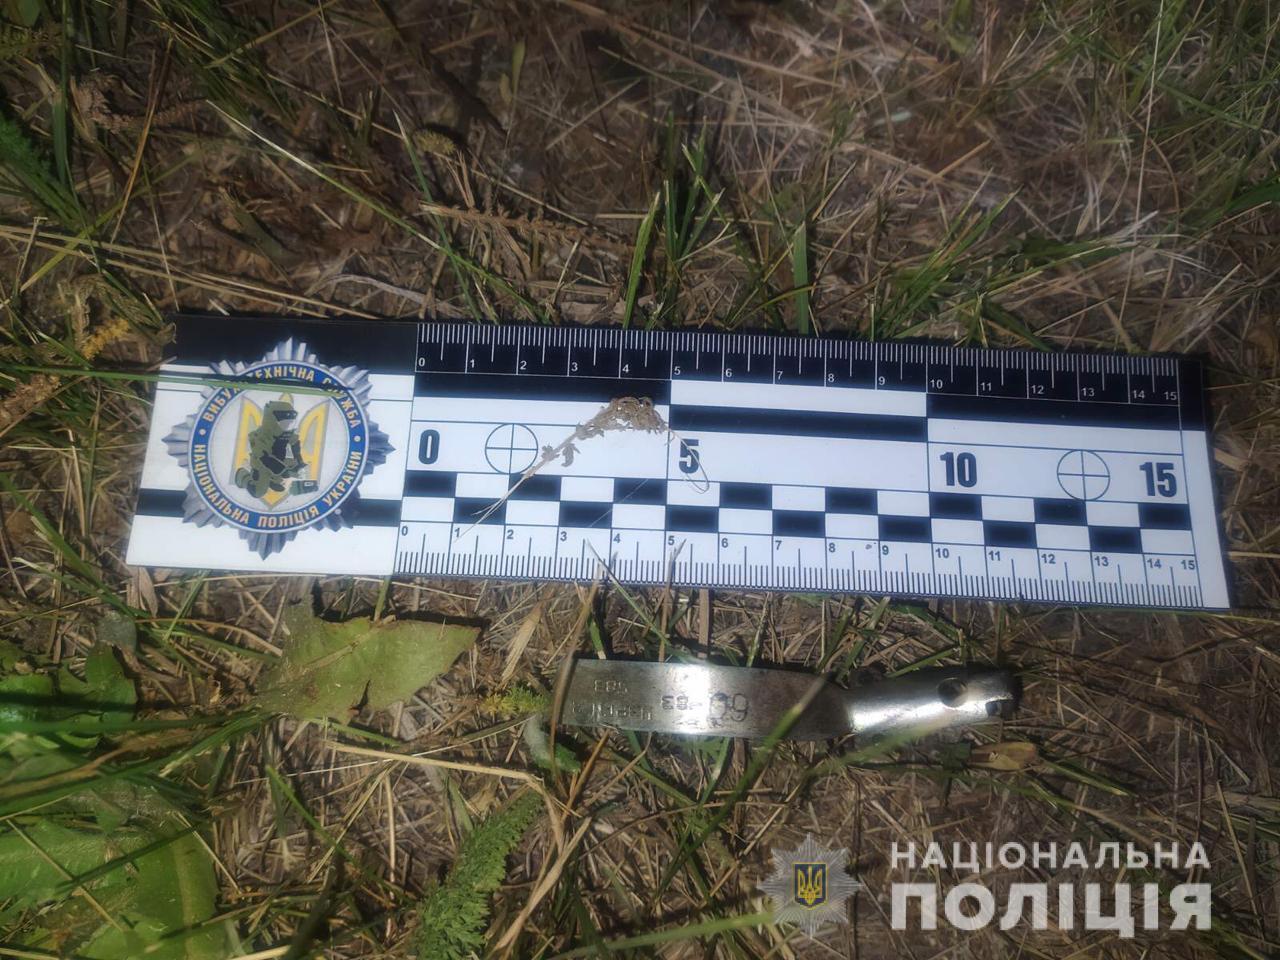 Под Харьковом участник ООС взорвал себя гранатой и погиб на месте